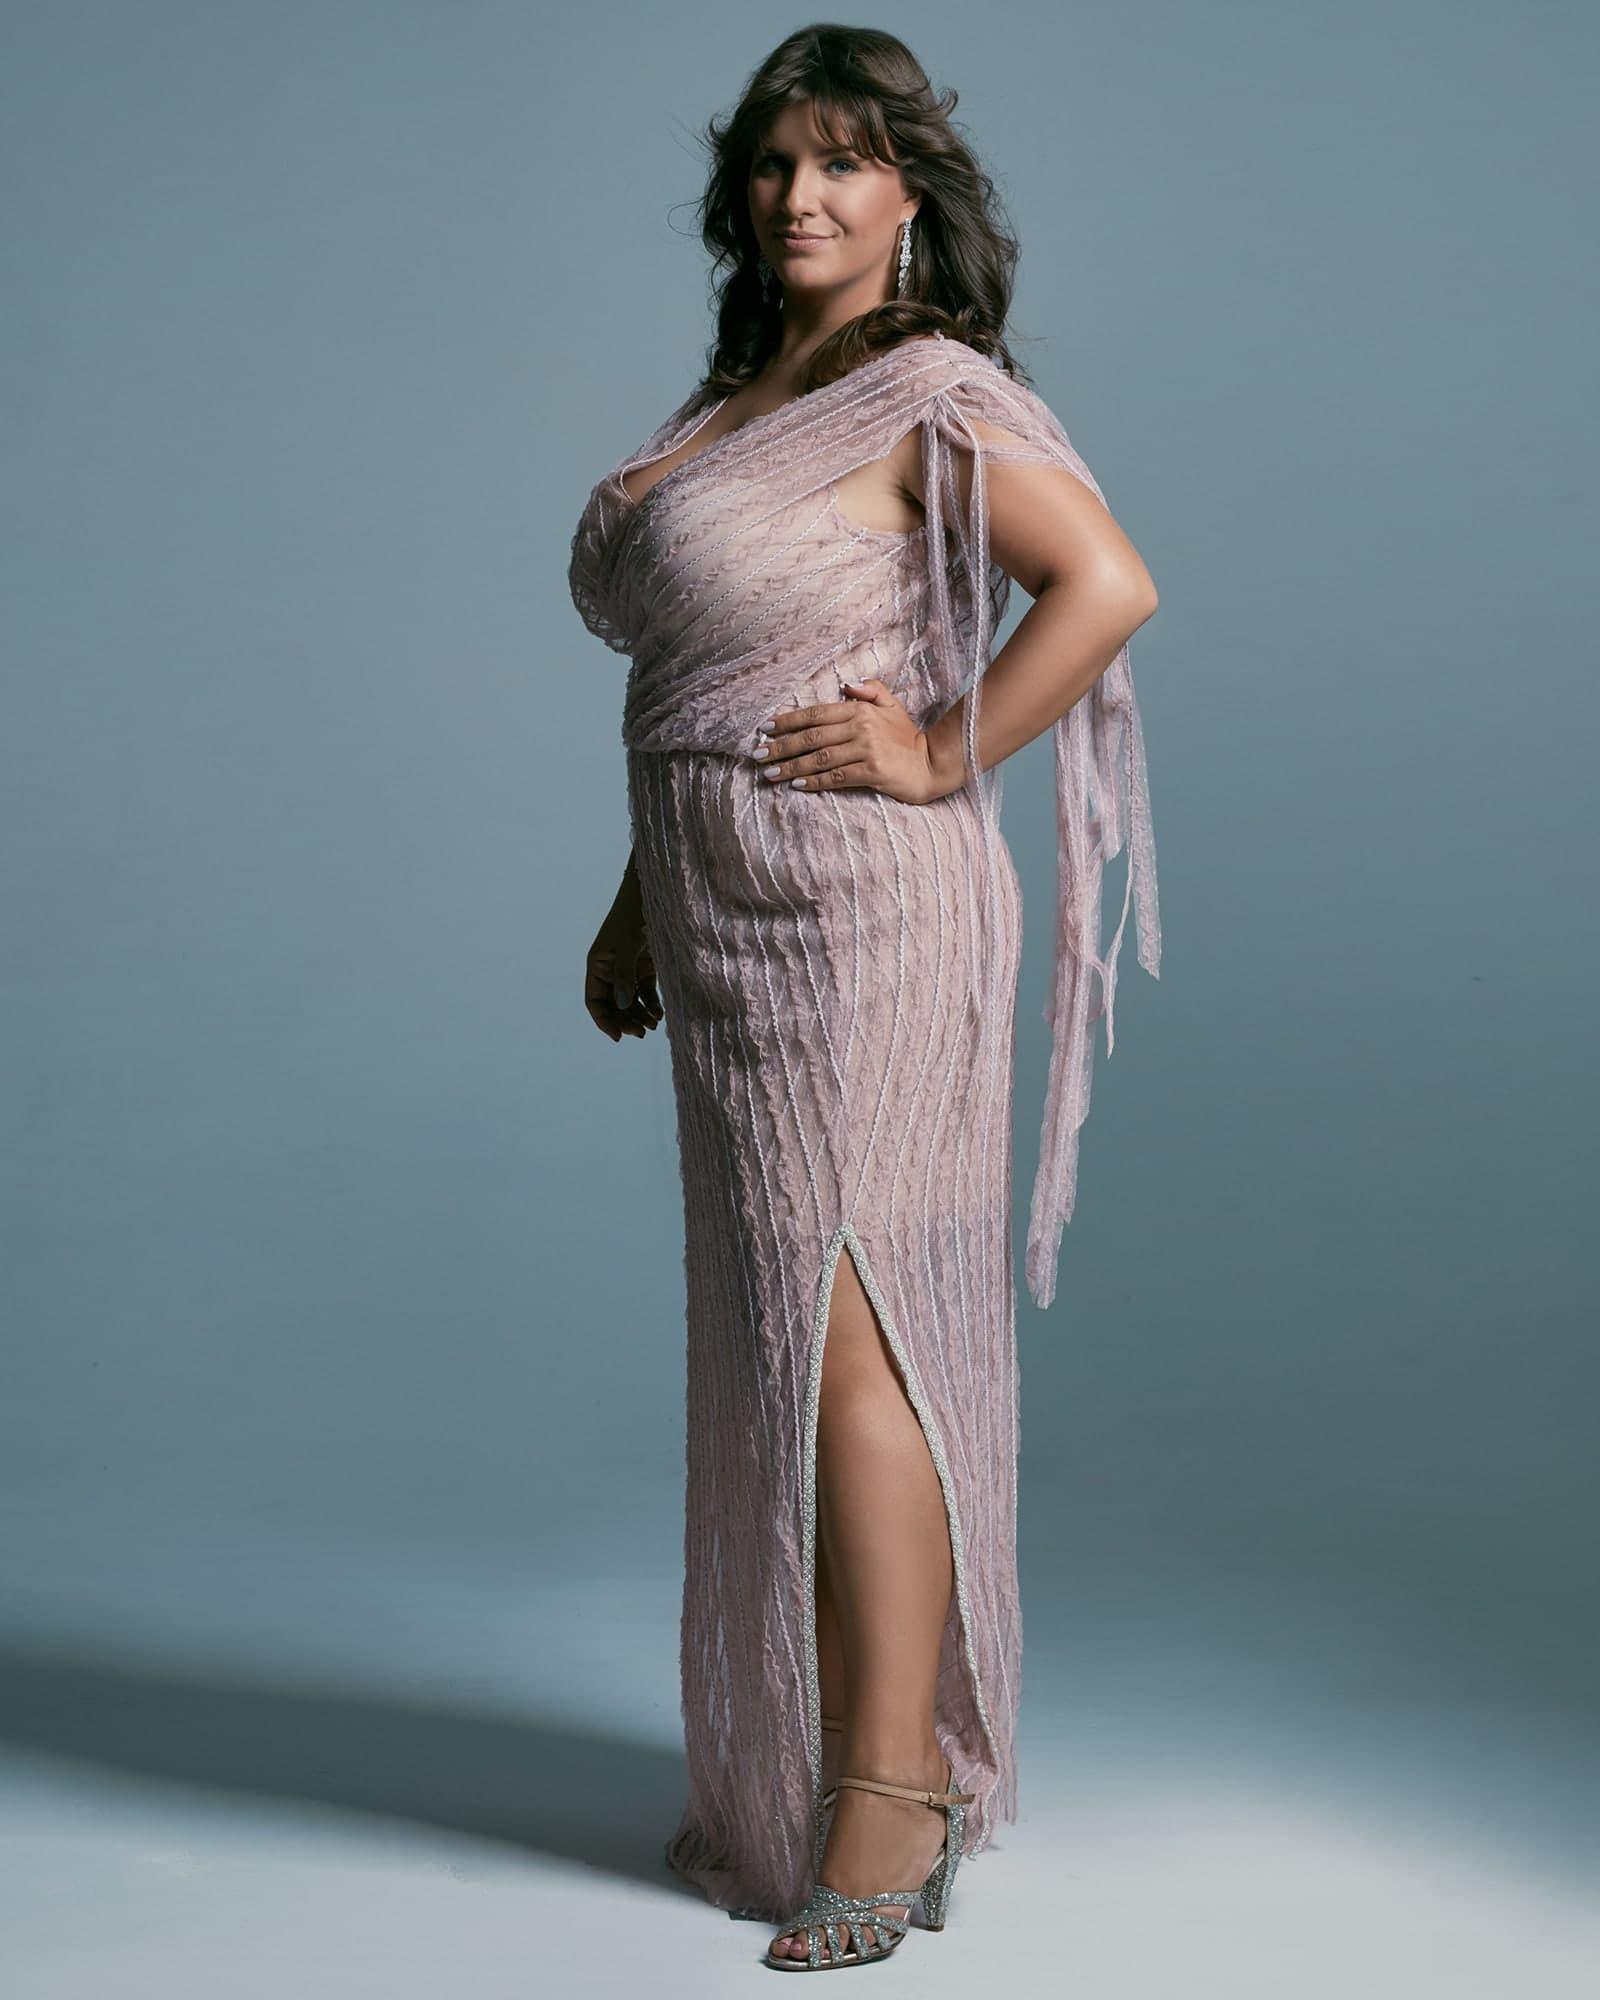 Suknia ślubna plus size ukrywająca niedoskonałości figury